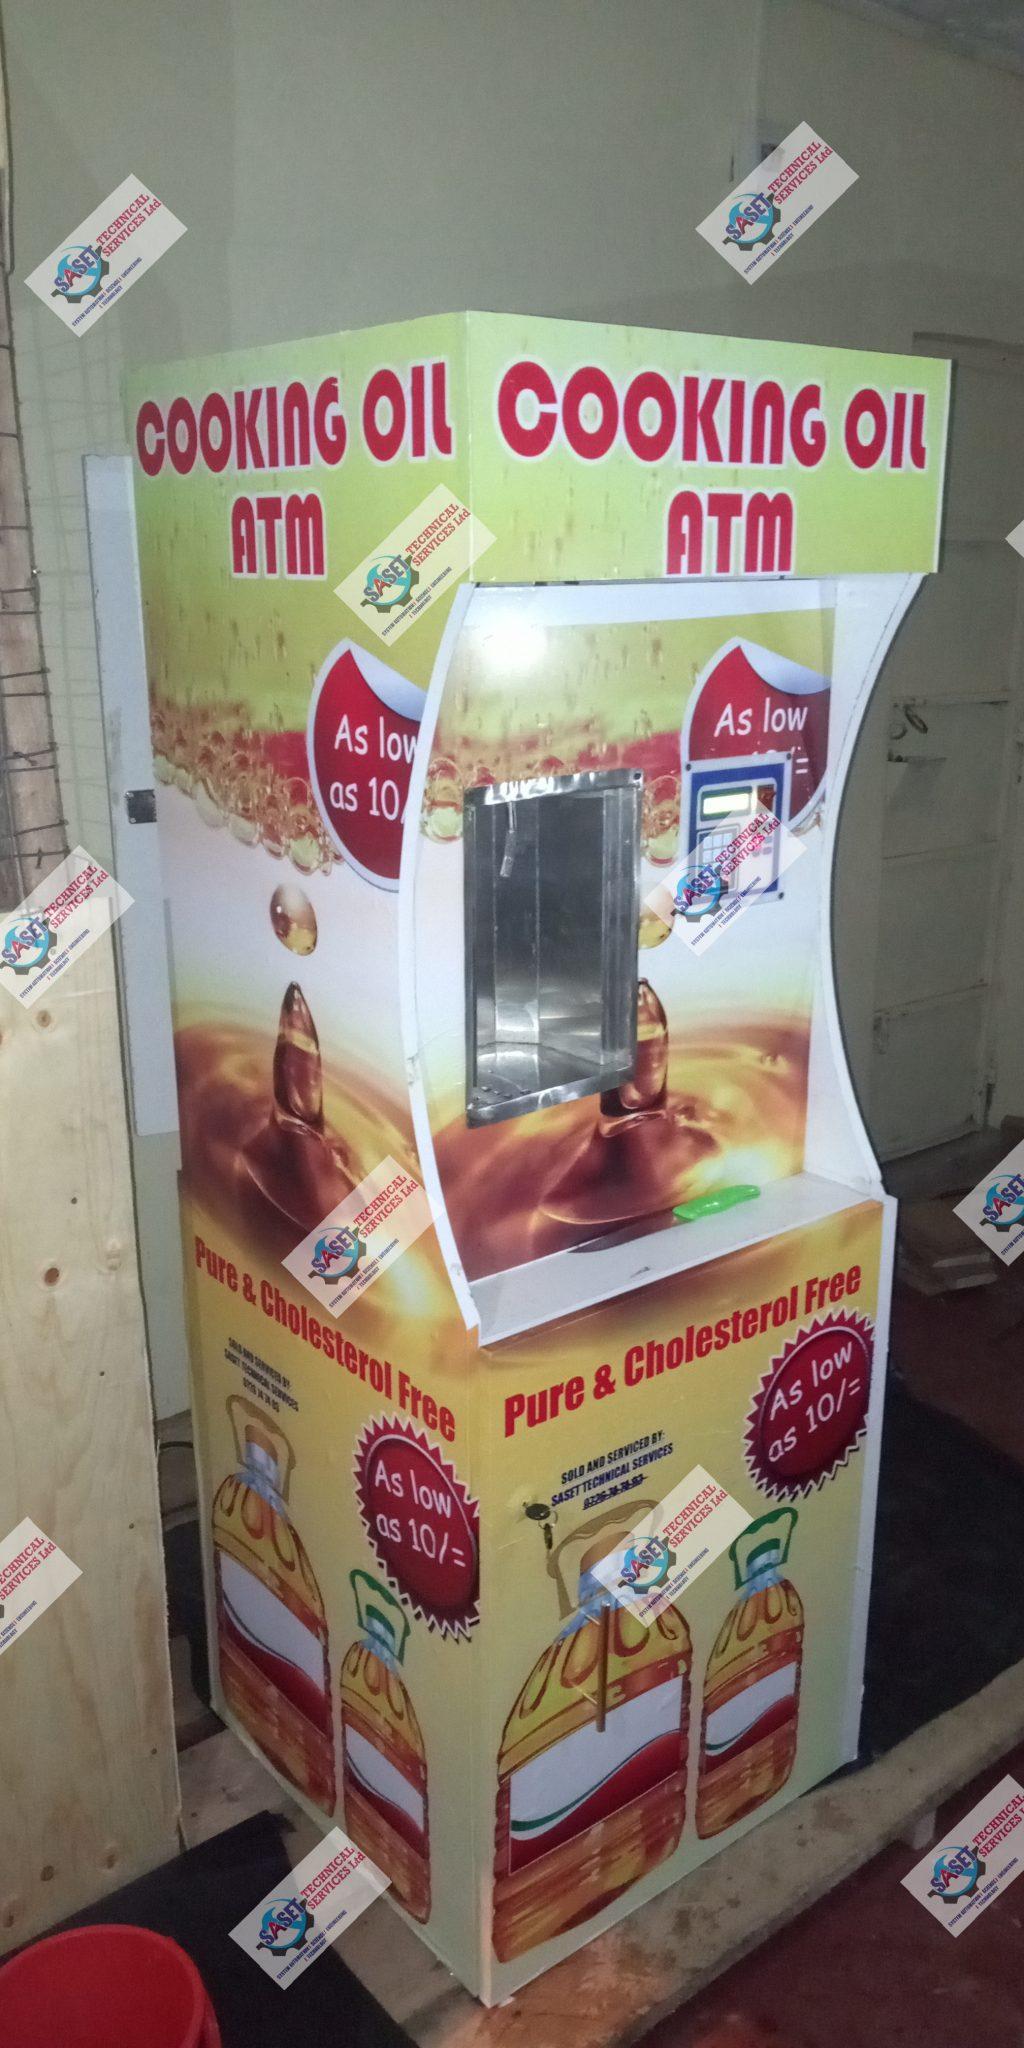 cooking oil ATM, salad oil ATM in Kenya